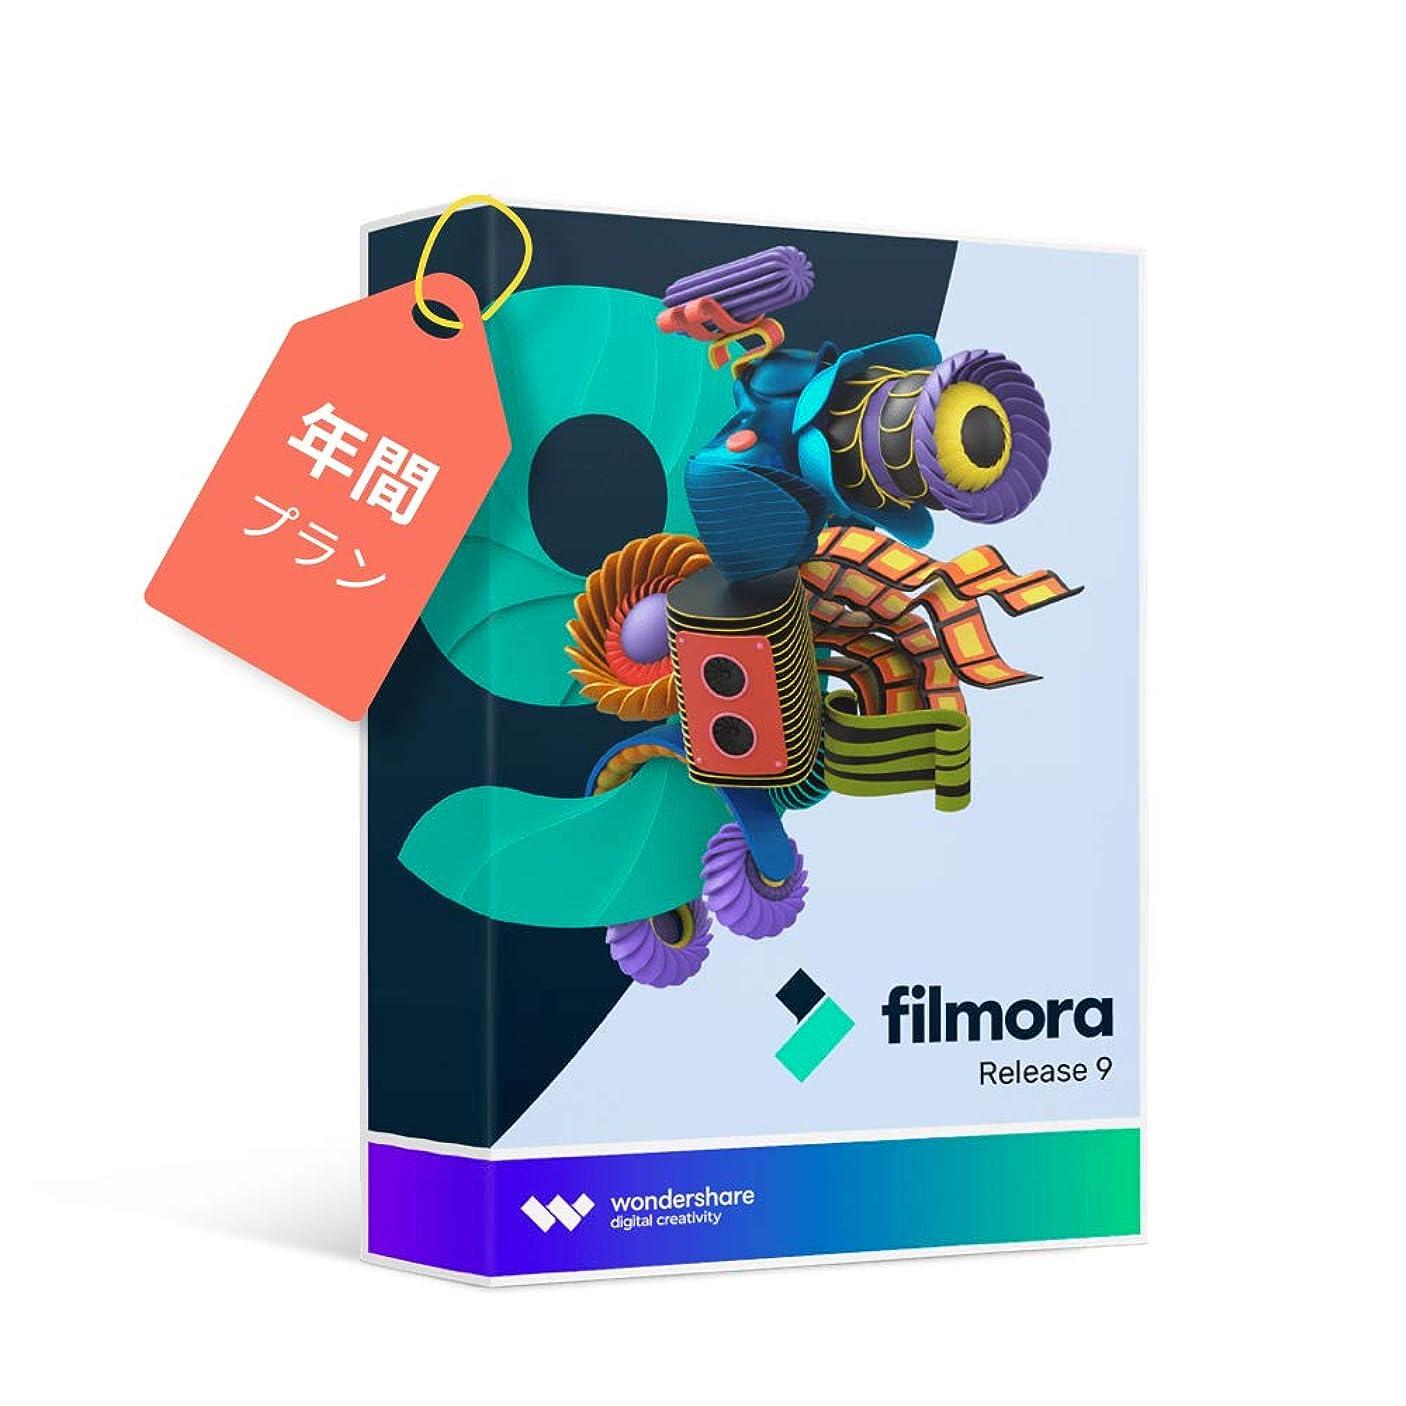 服を着るすみません彫るWondershare Filmora9 年間ライセンス(Mac版)次世代動画編集ソフト 操作簡単 機能豊富 ワンダーシェアー